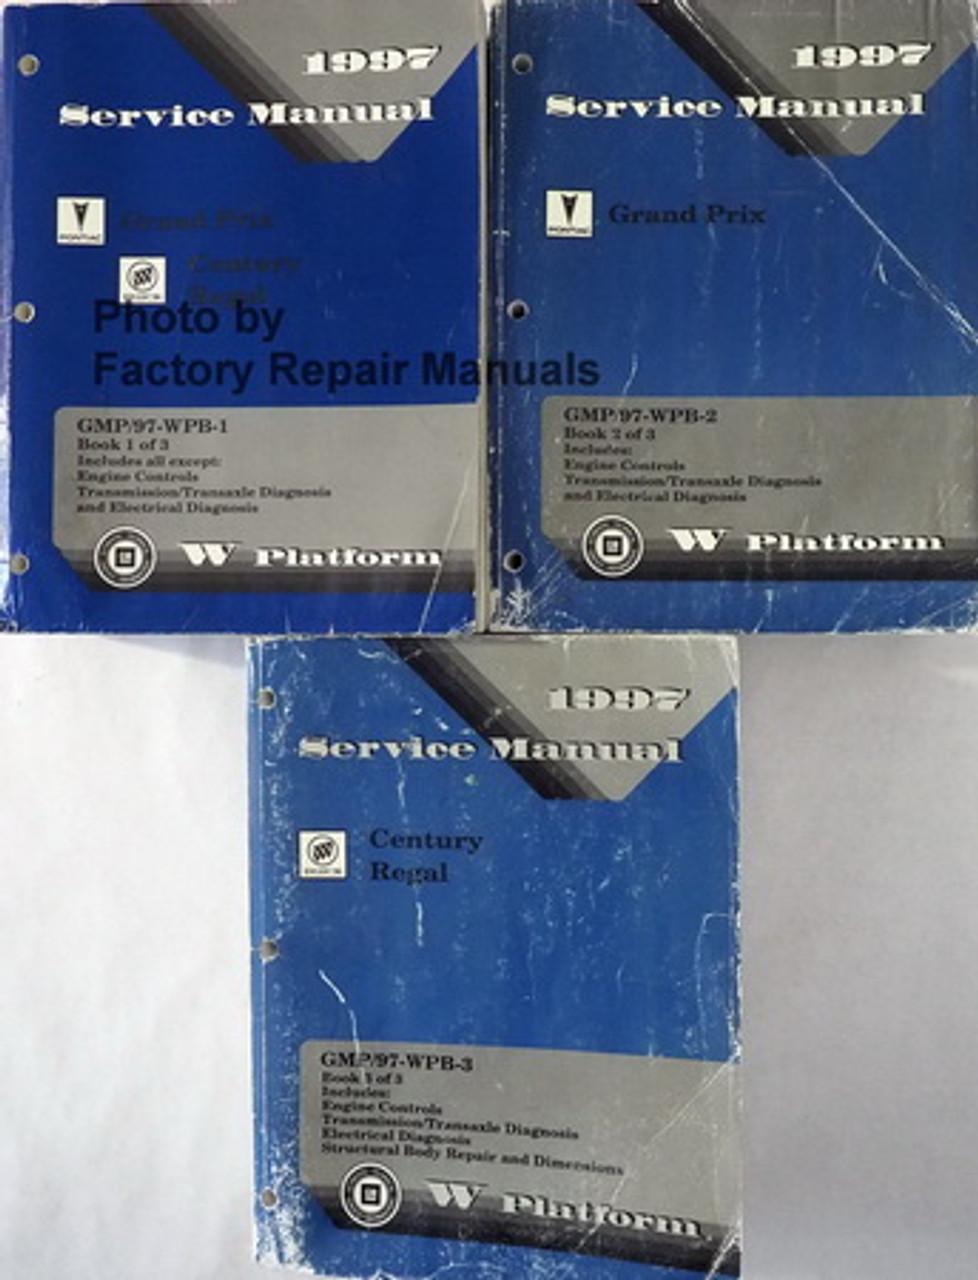 1998 Buick Regal and Century Shop Manual 3 Volume Set Original Repair Service